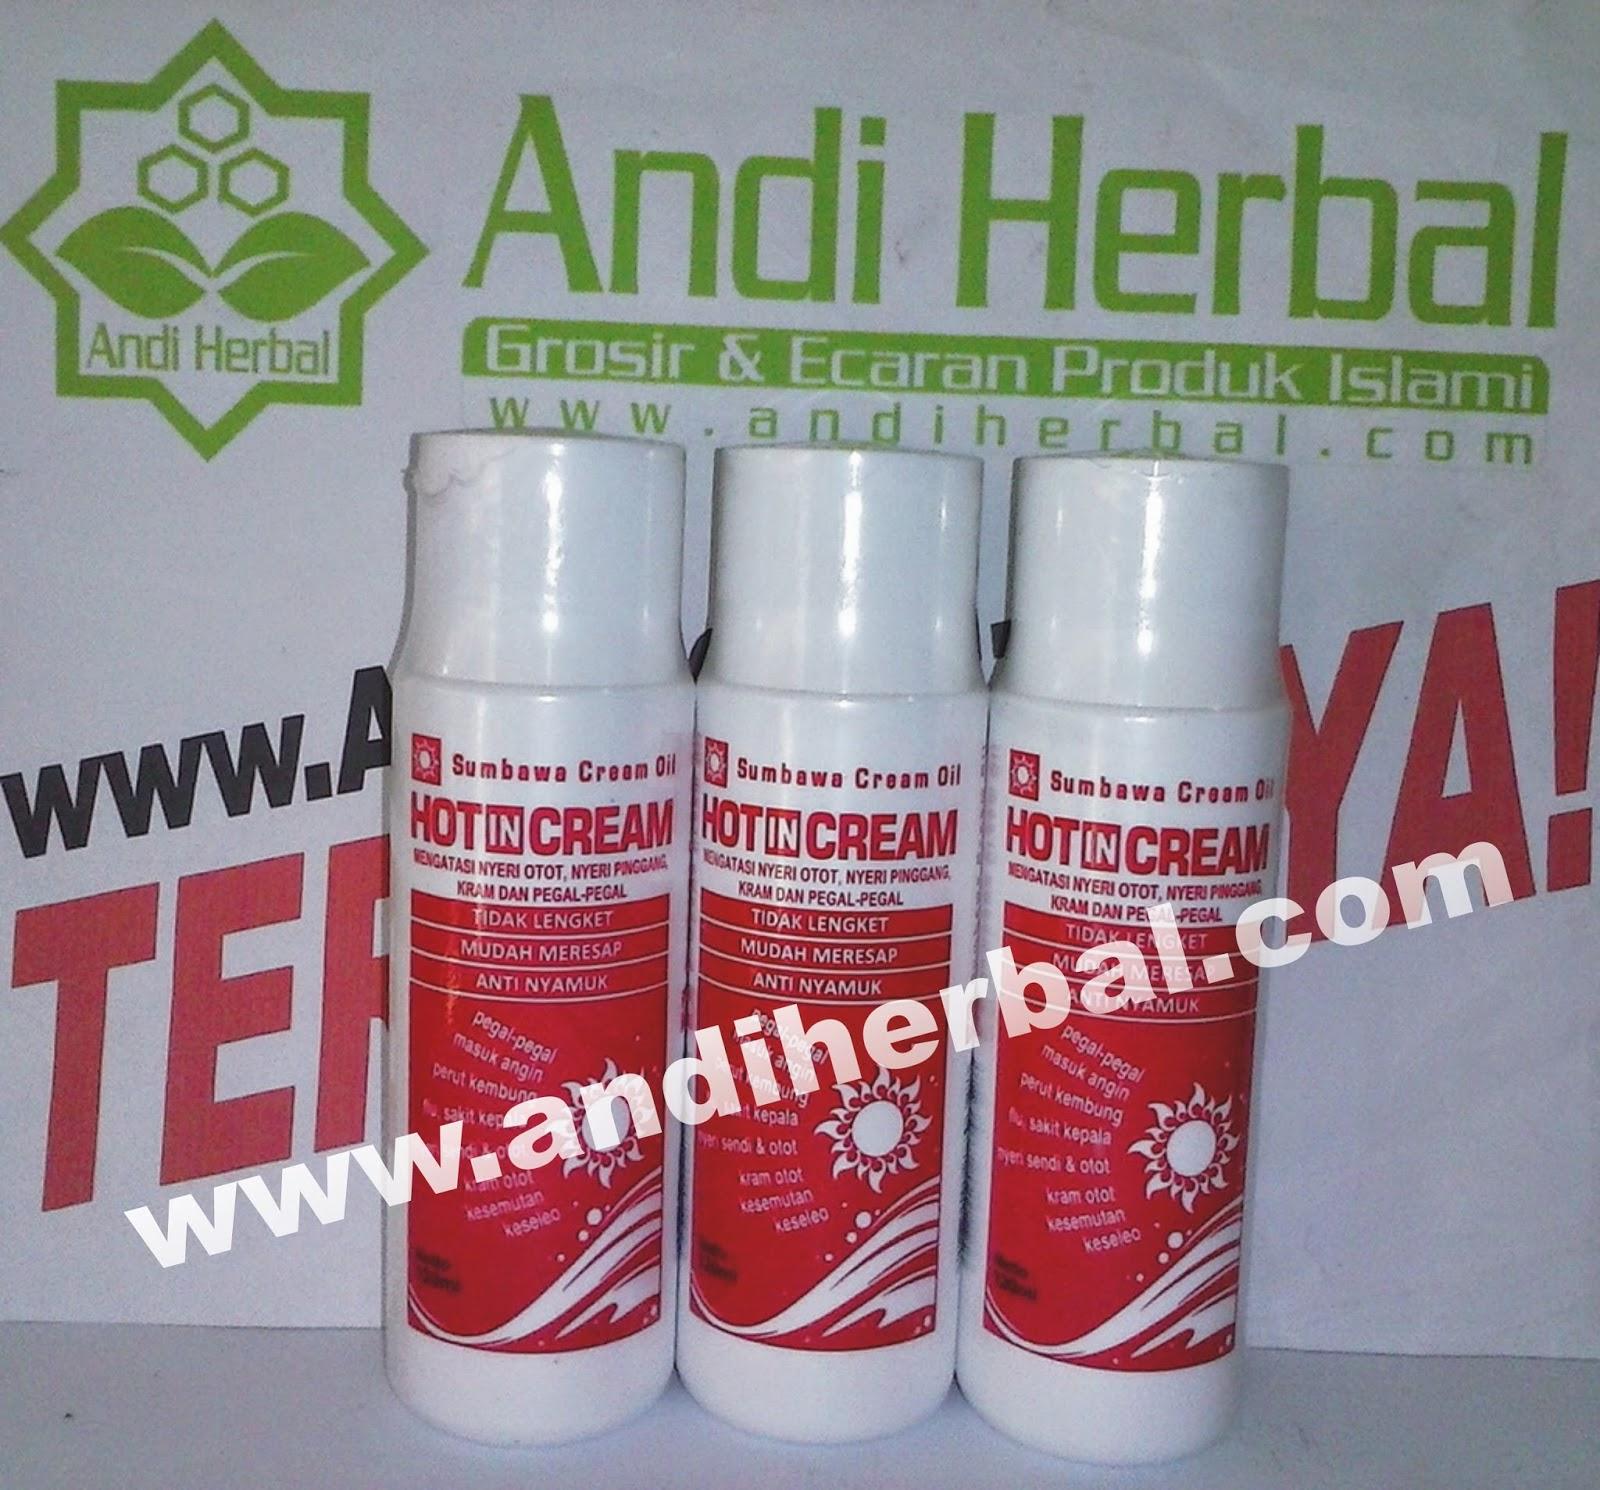 Hot In Cream Sumbawa Cream Oil 120 ml Andiherbal.com